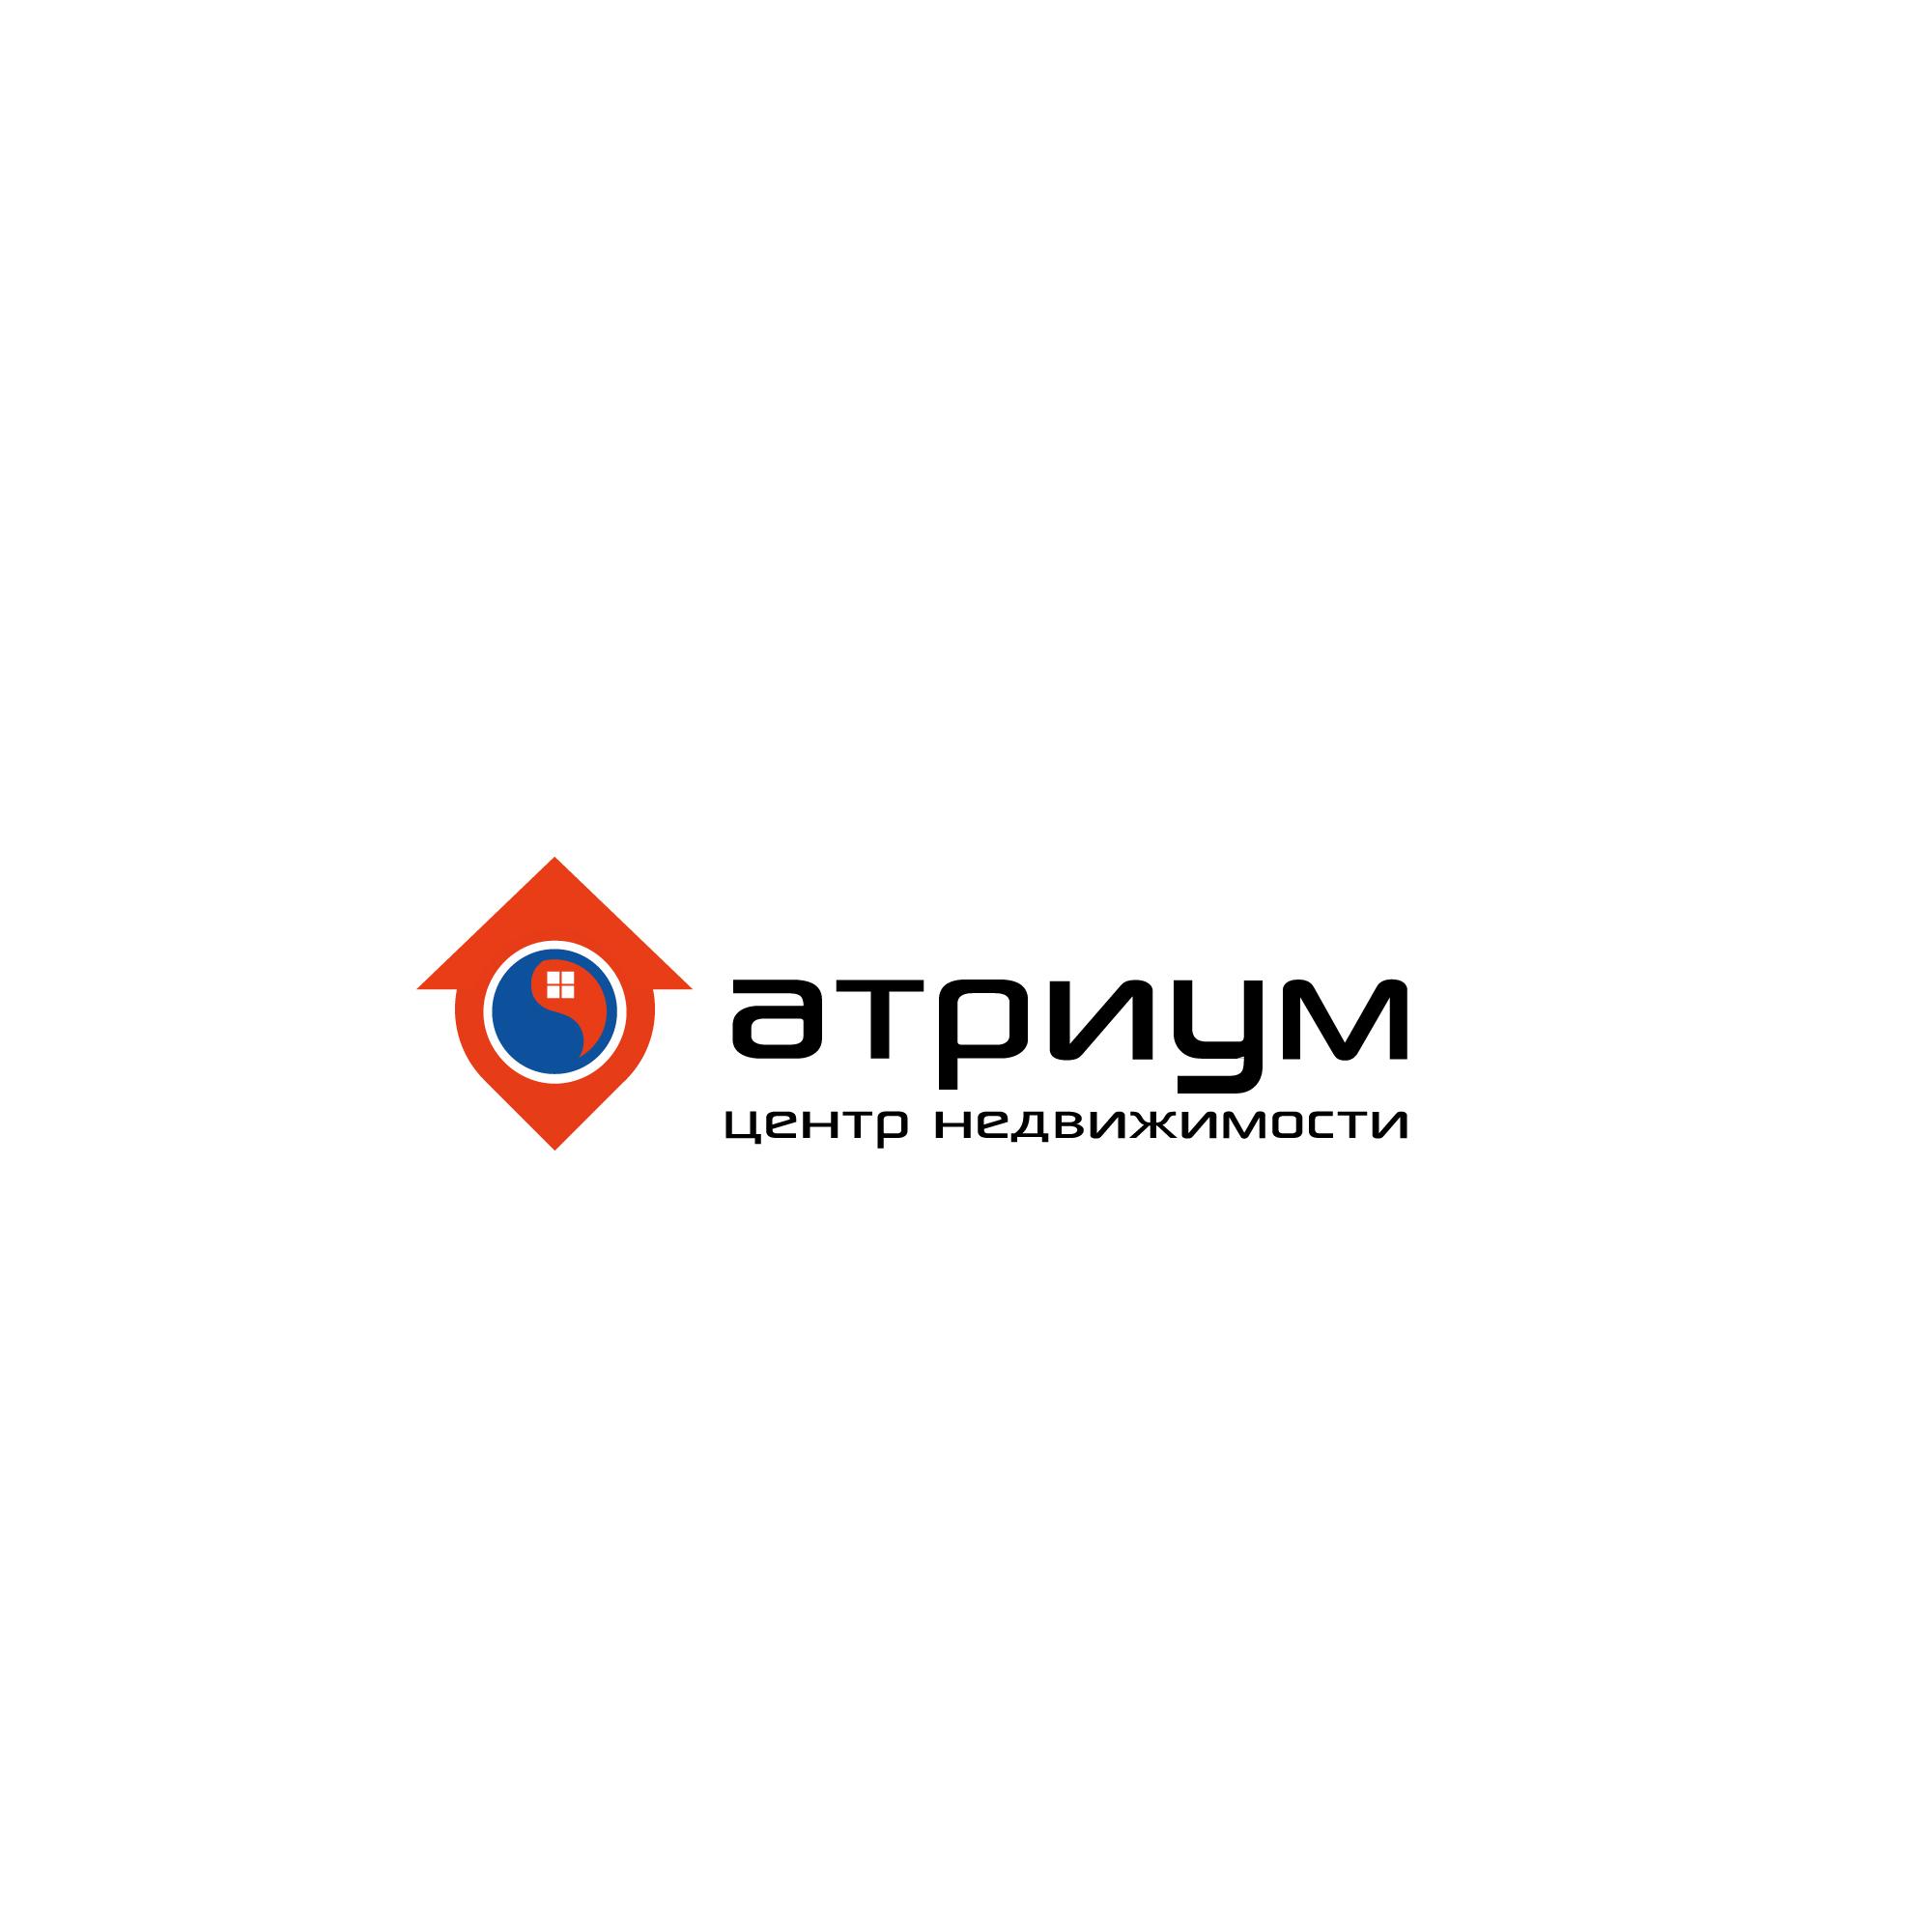 Редизайн / модернизация логотипа Центра недвижимости фото f_0165bcd9085735bc.jpg